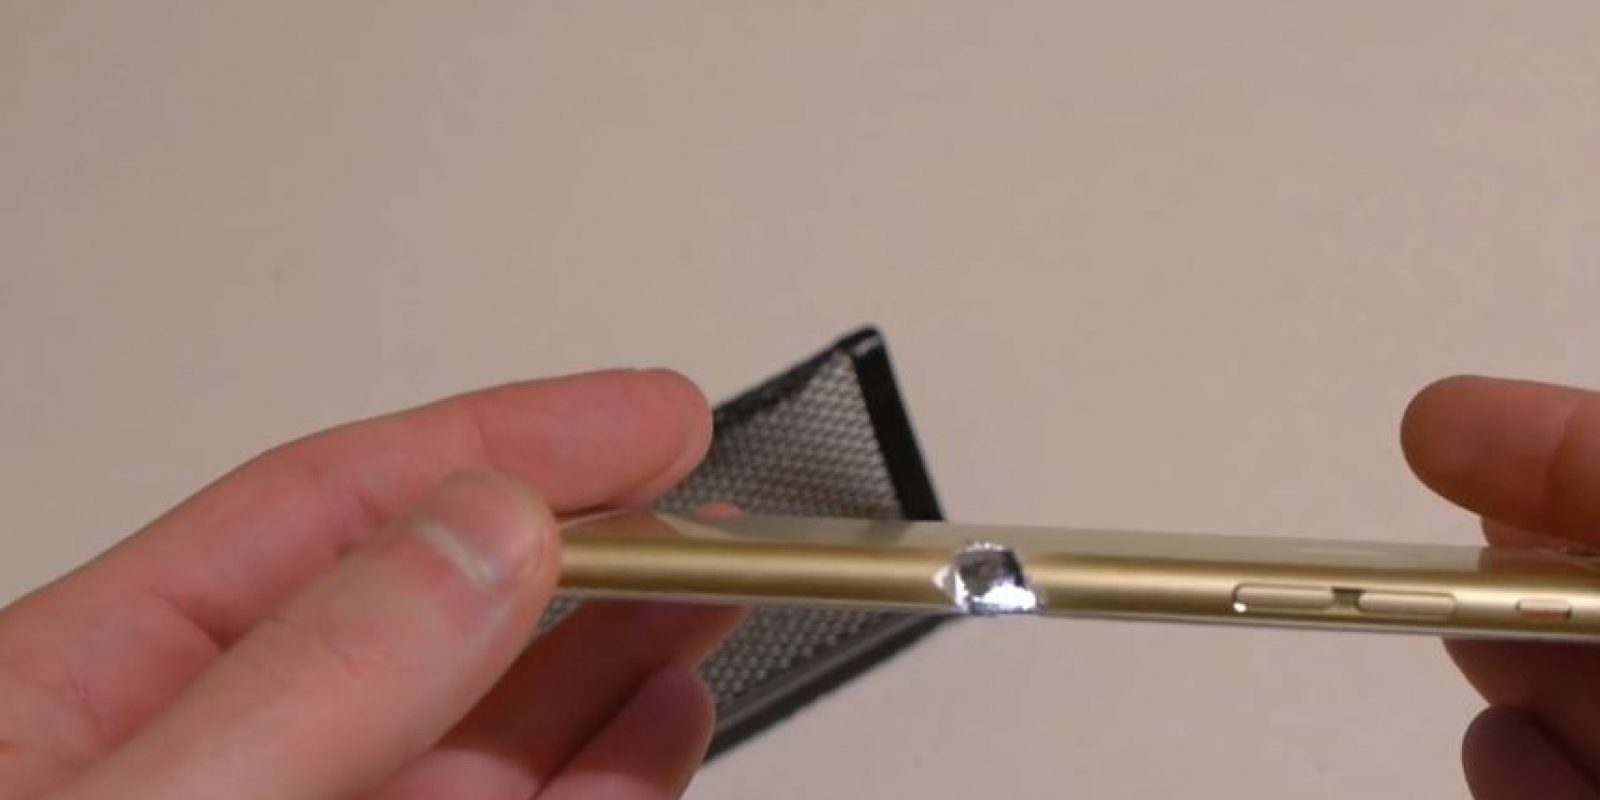 Así queda el iPhone 6 tras el corte con una sierra eléctrica. Foto:TechRax